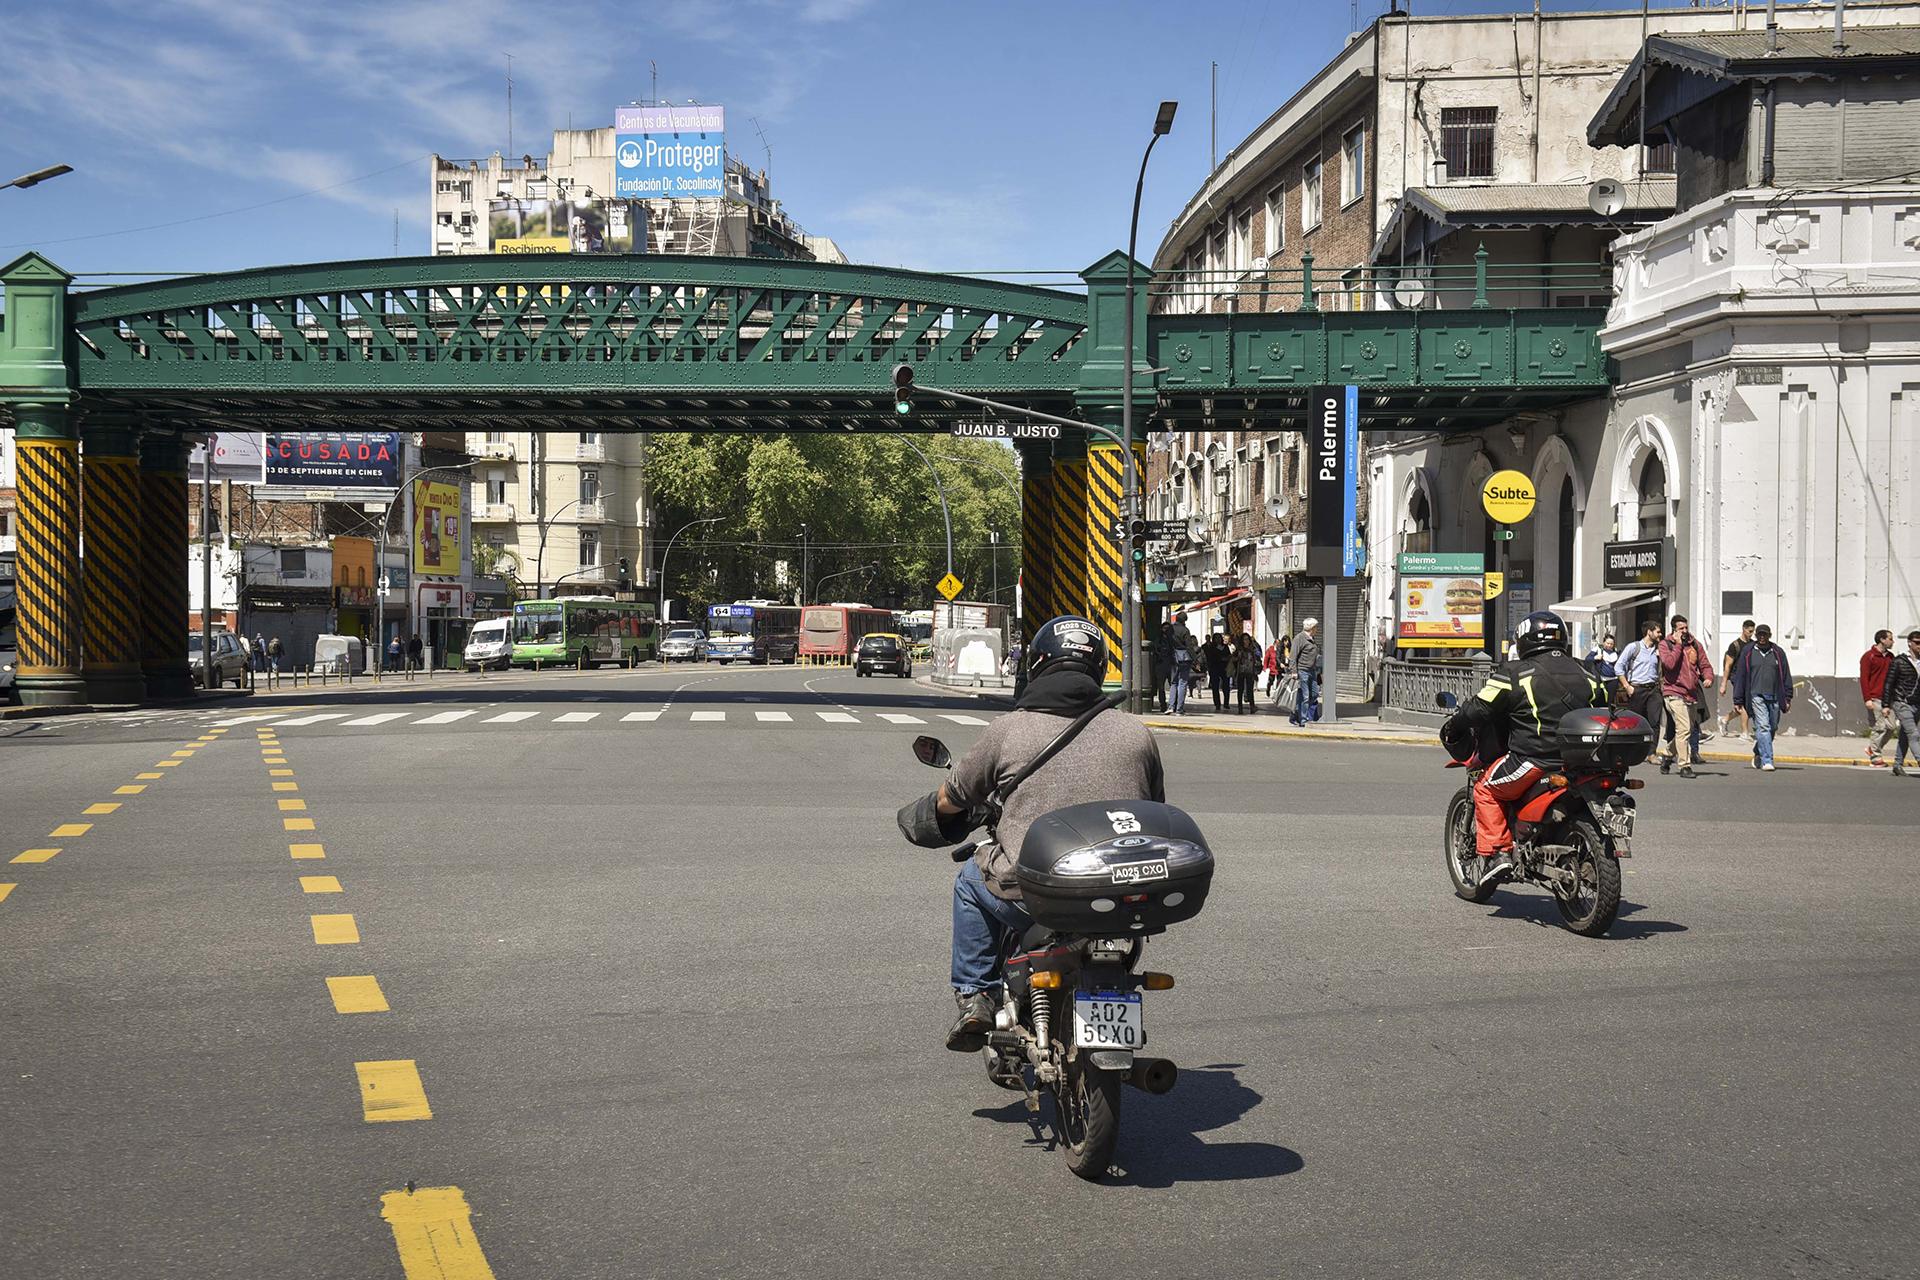 Santa Fe y Juan B Justo, donde empieza el barrio de Palermo Soho. Estación de tren, subte y metrobus